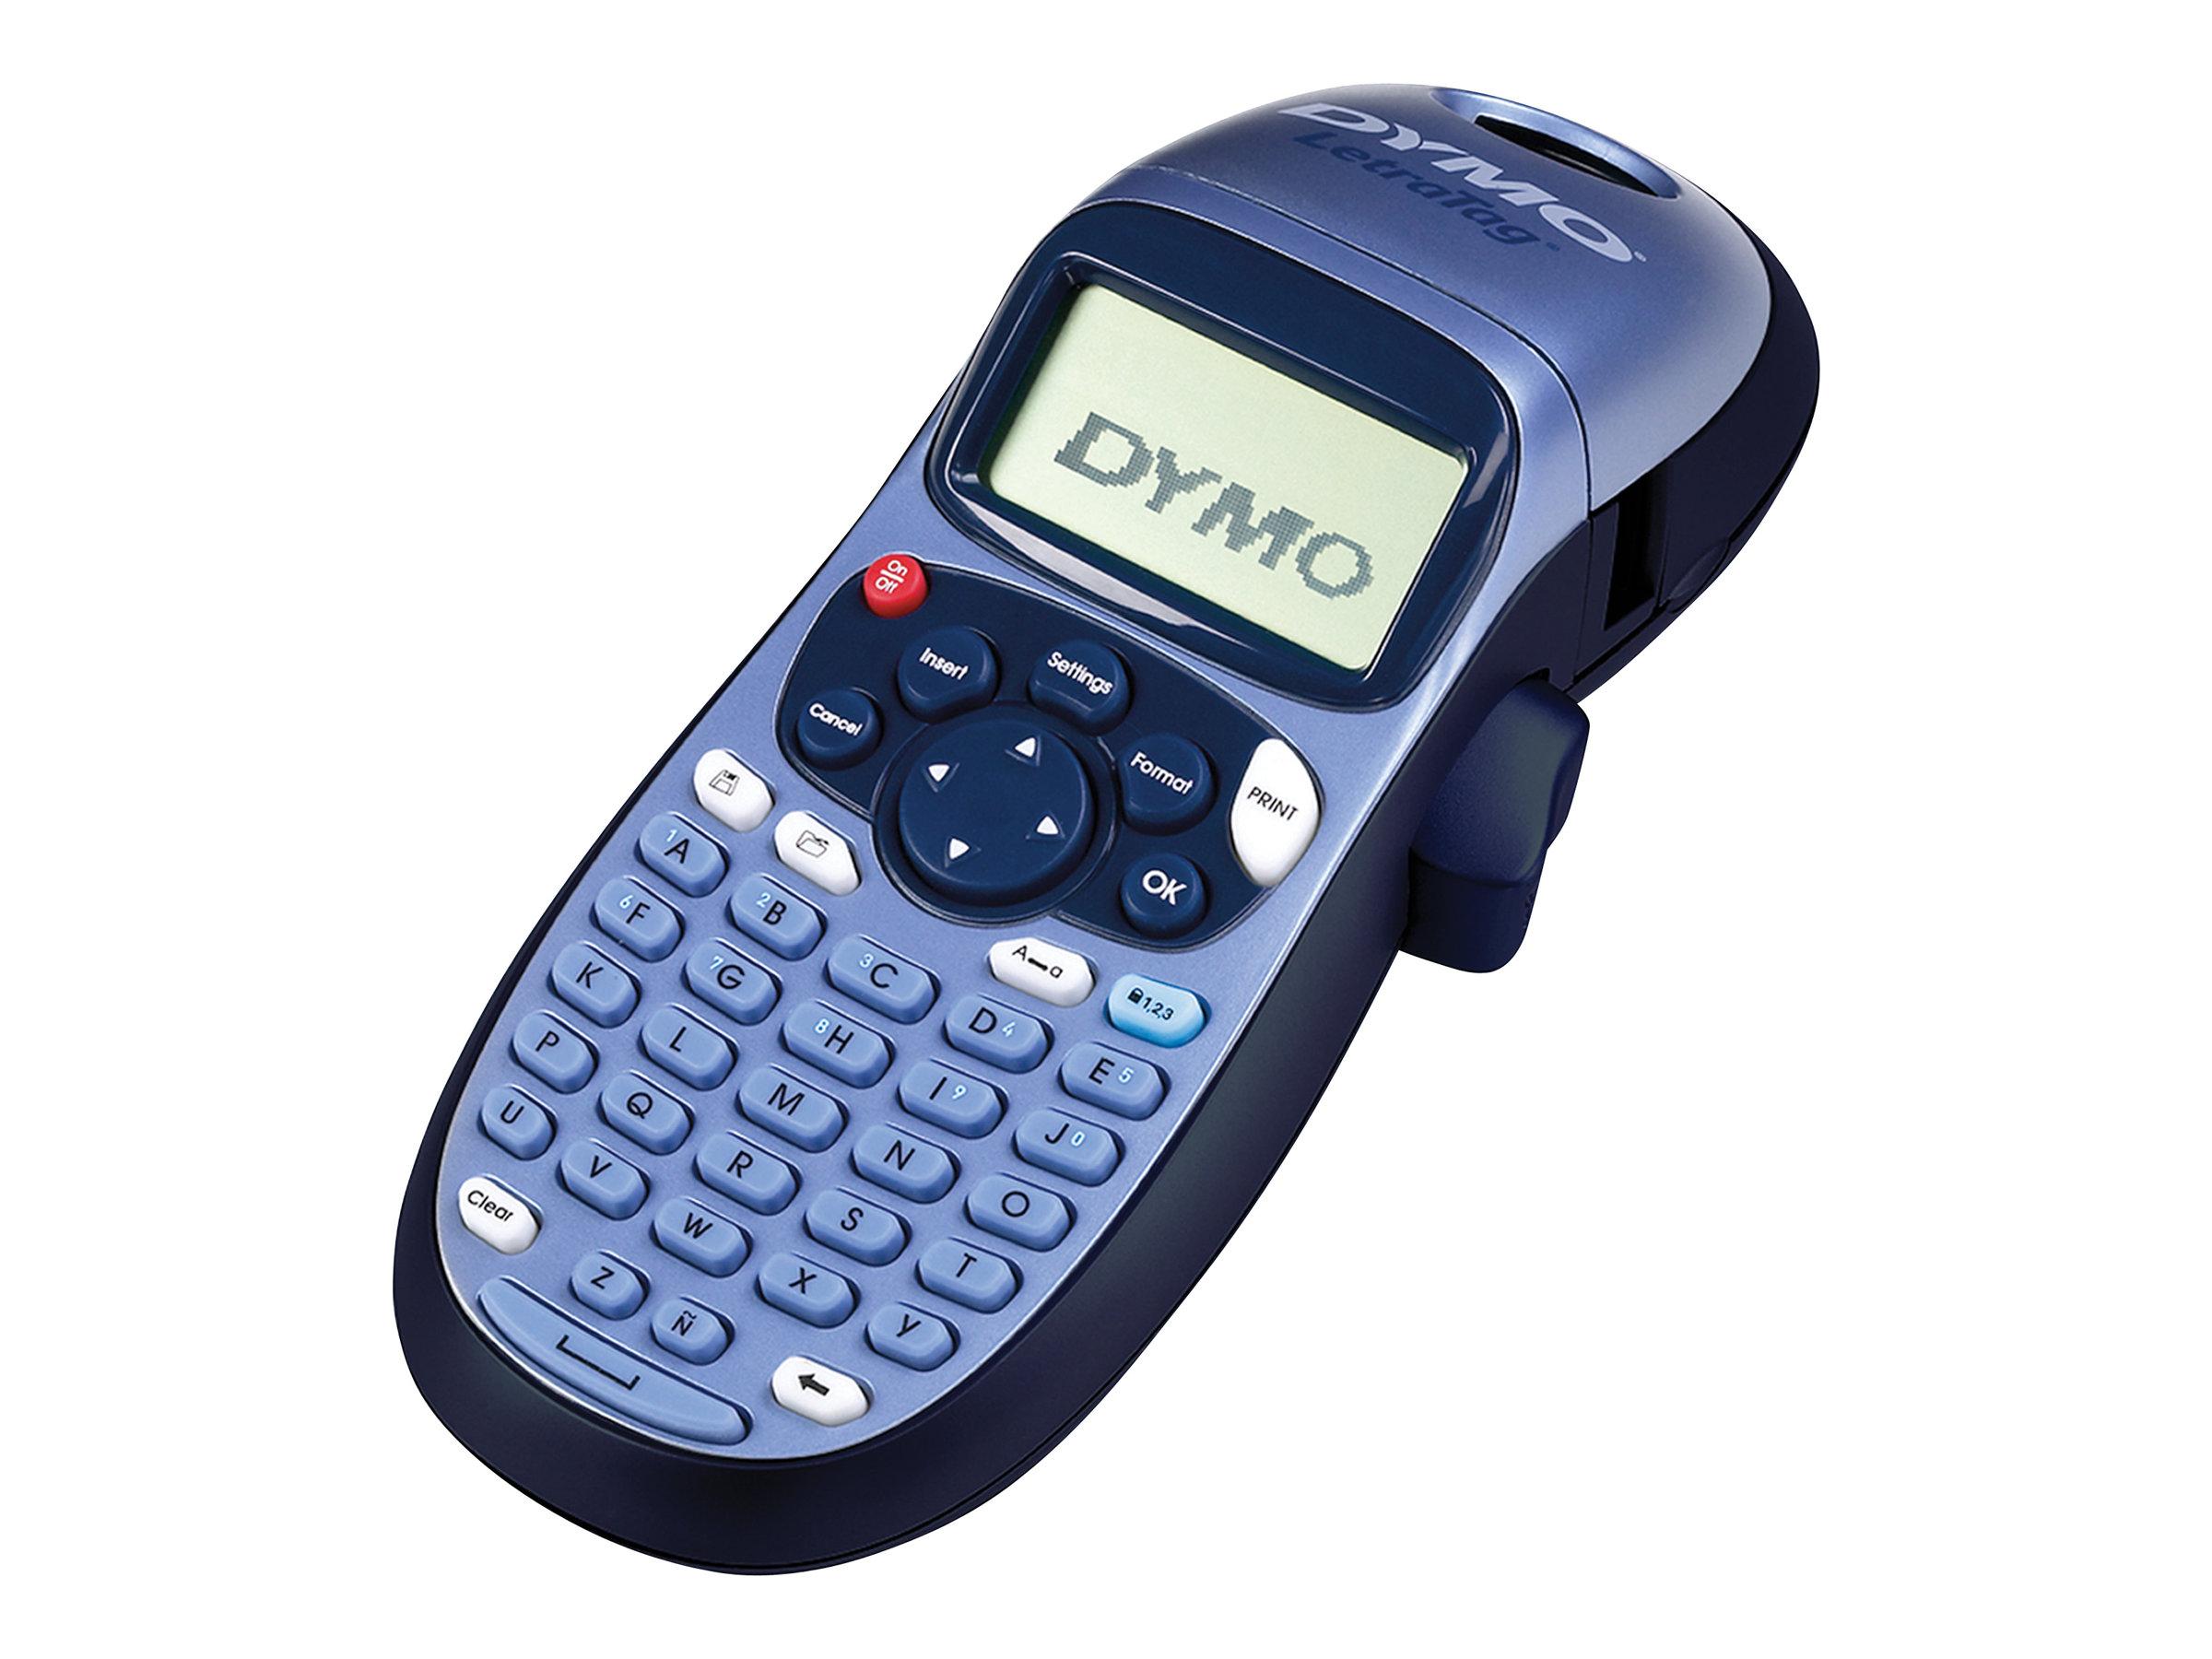 Dymo LetraTag LT-100H -  Étiqueteuse  - imprimante d'étiquettes monochrome  - impression par transfert thermique